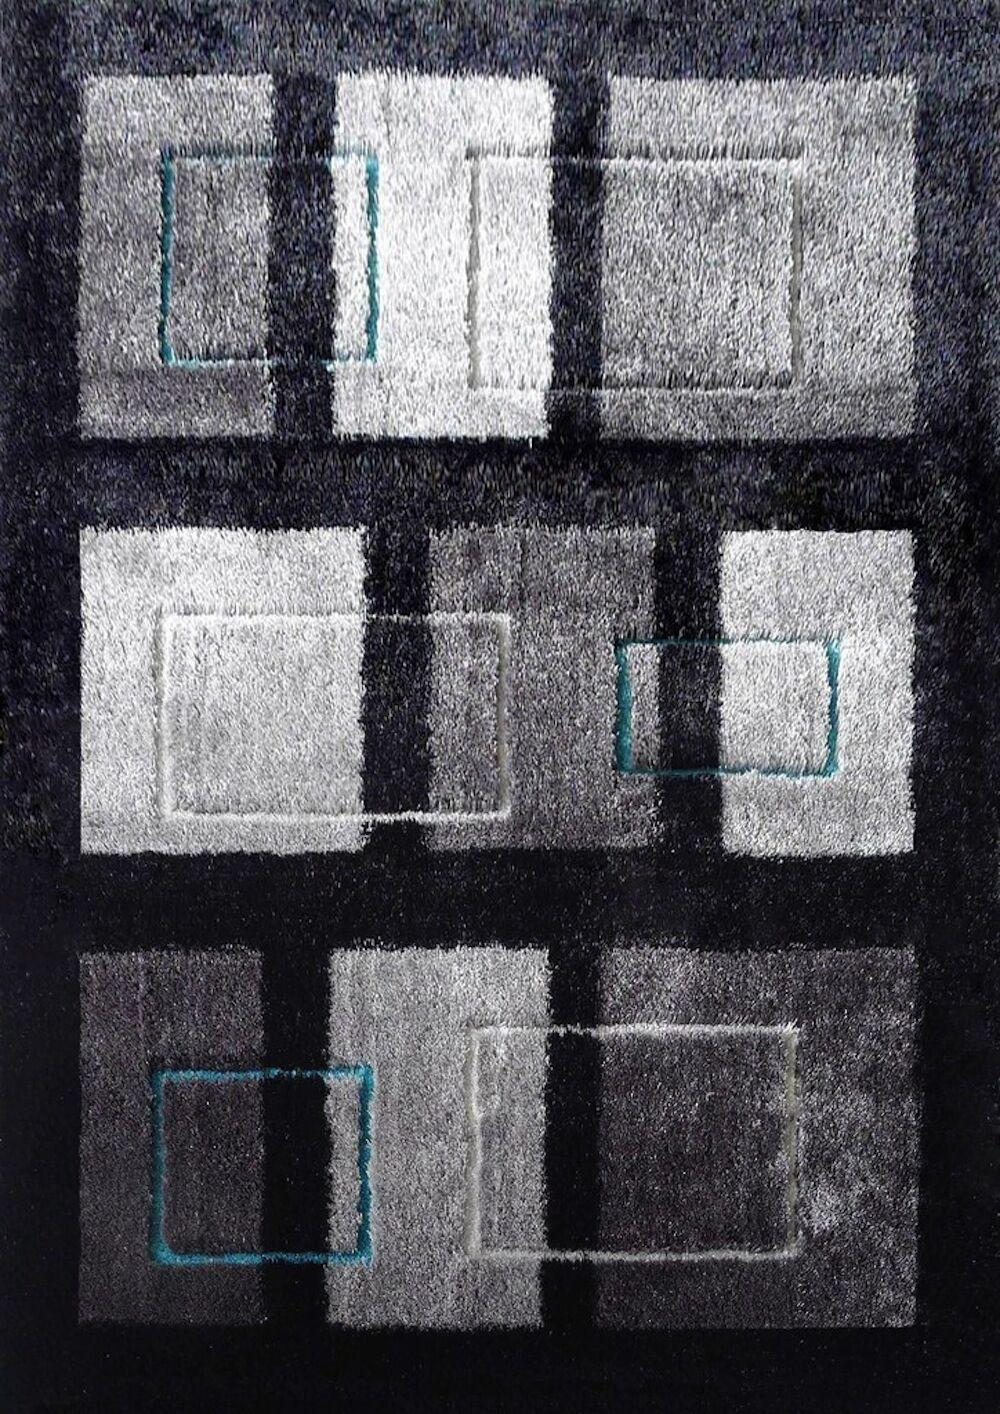 Sangiacomo Hand-Tufted Black/Gray Area Rug